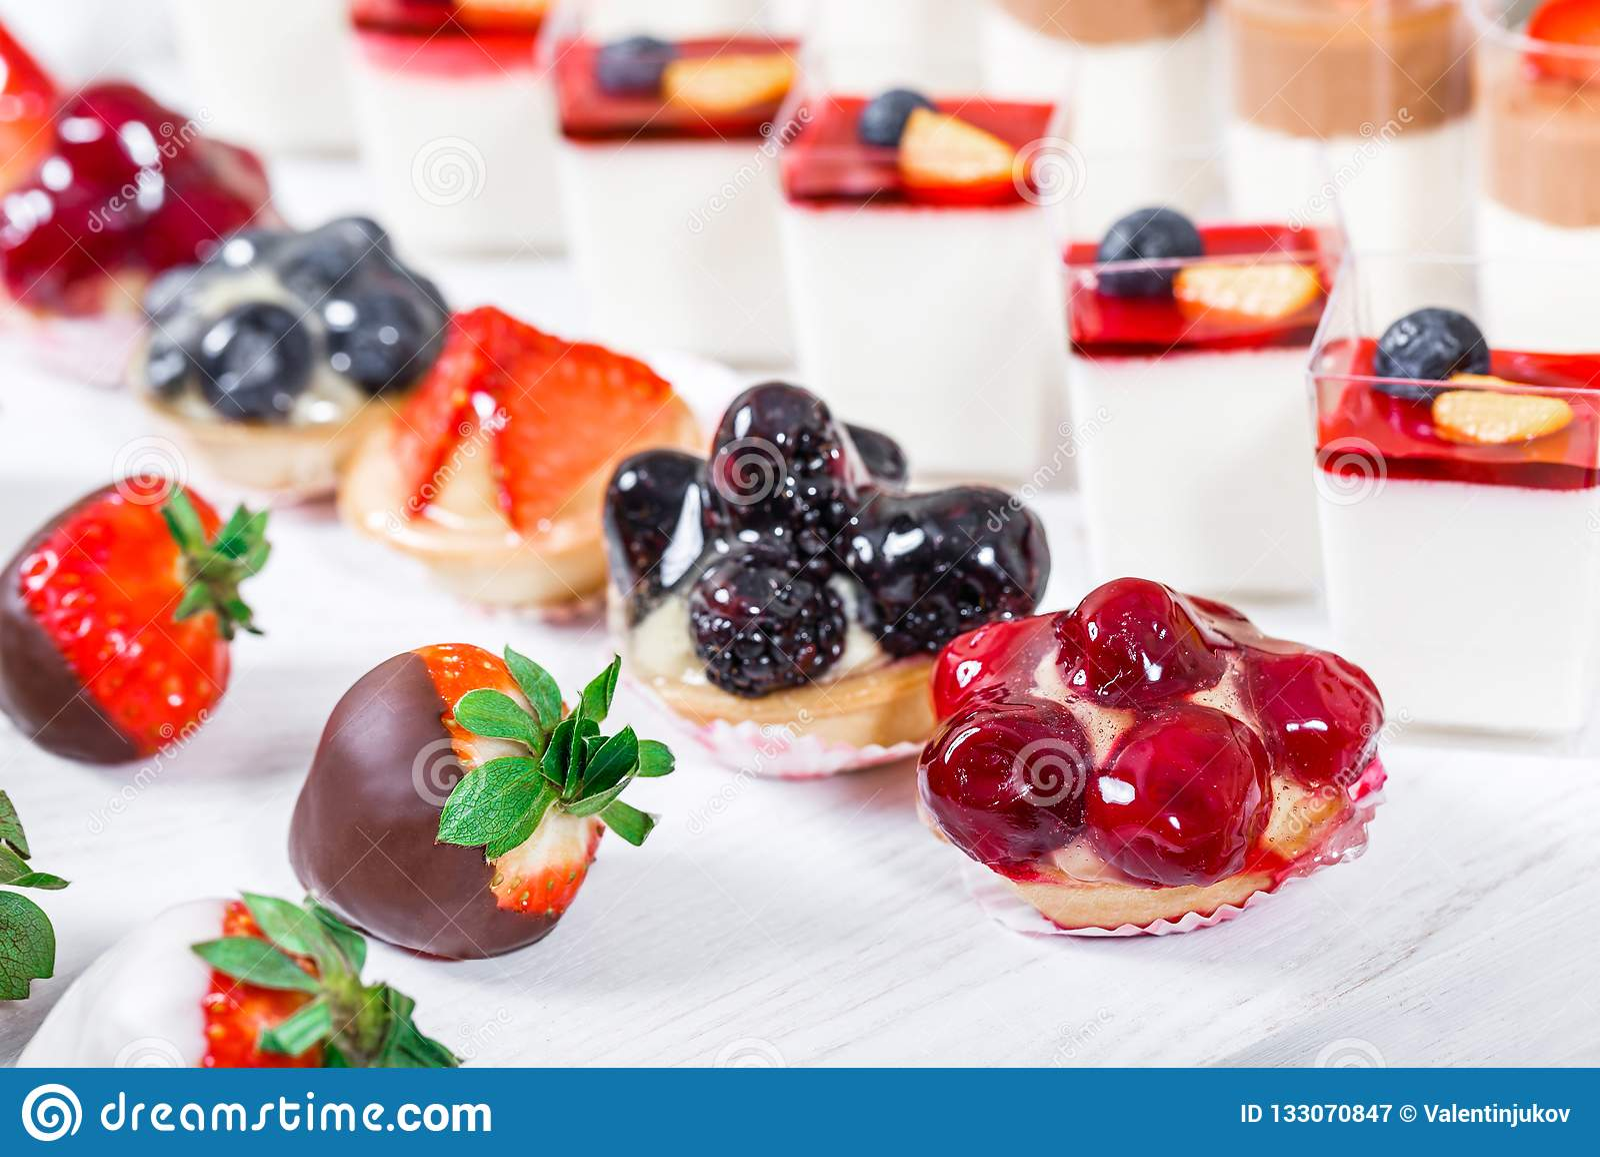 Suikergoedbar De lijst van de huwelijksontvangst met snoepjes, suikergoed, dessert